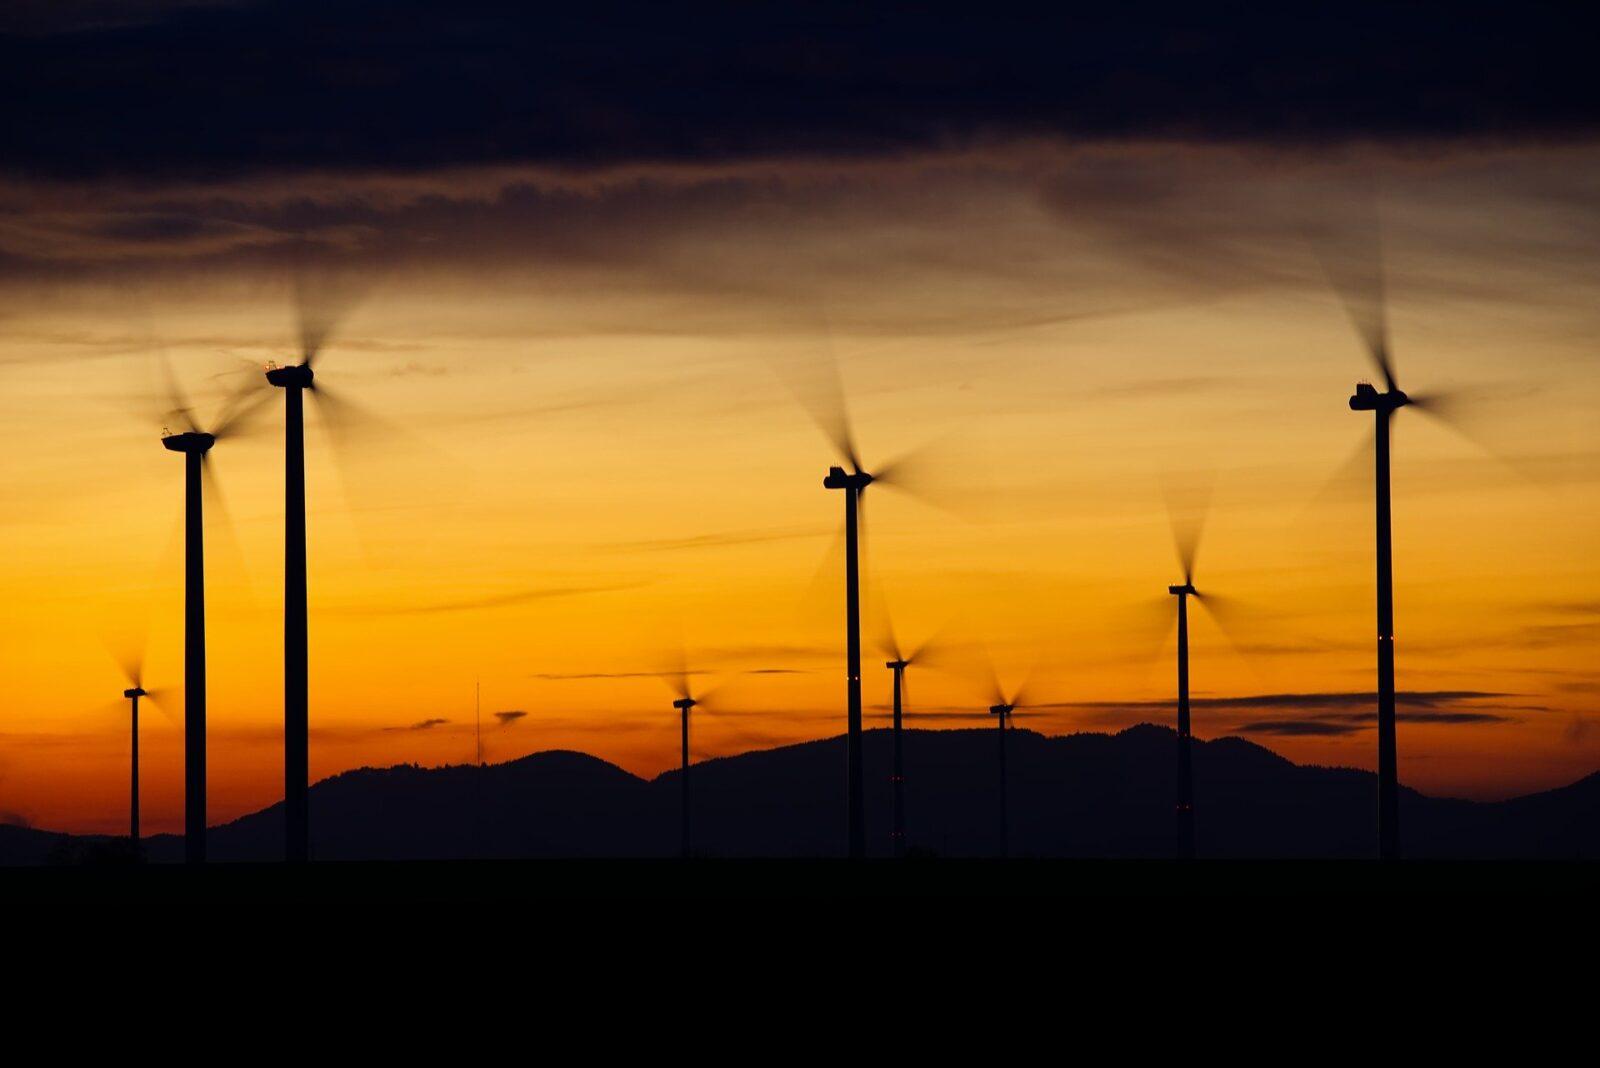 Марказий Осиёда тикланадиган энергия манбалари: бугун кун тартибида нима туриши керак?